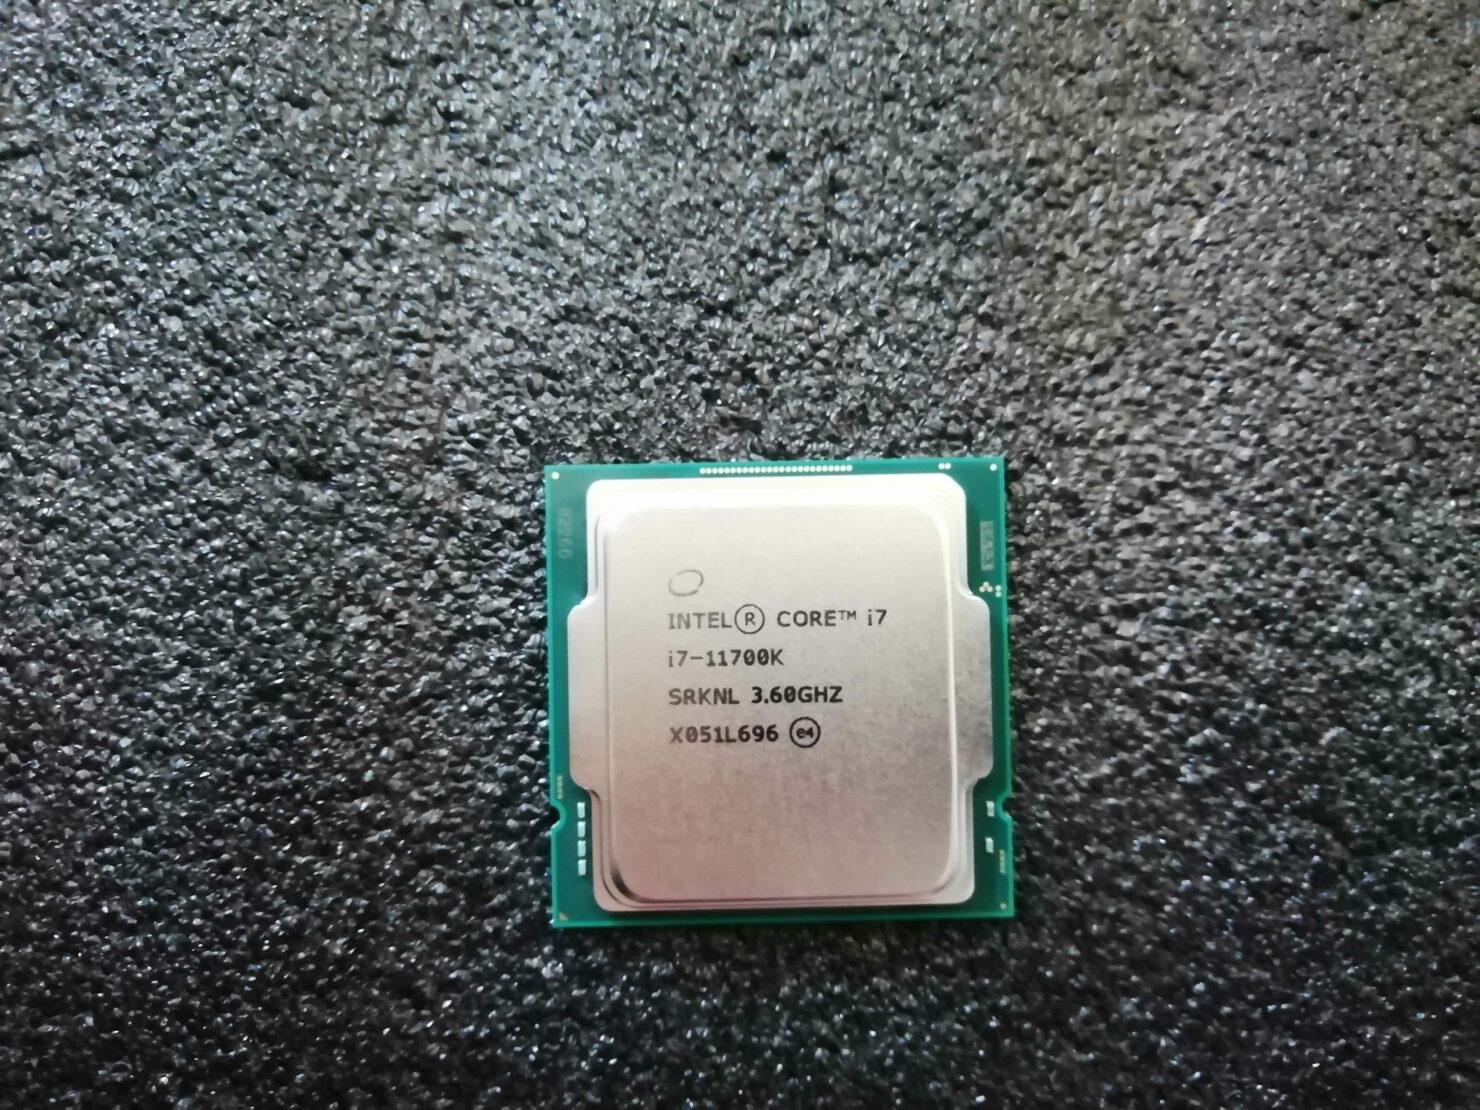 intel-core-i7-11700k-rocket-lake-8-core-desktop-cpu-_30